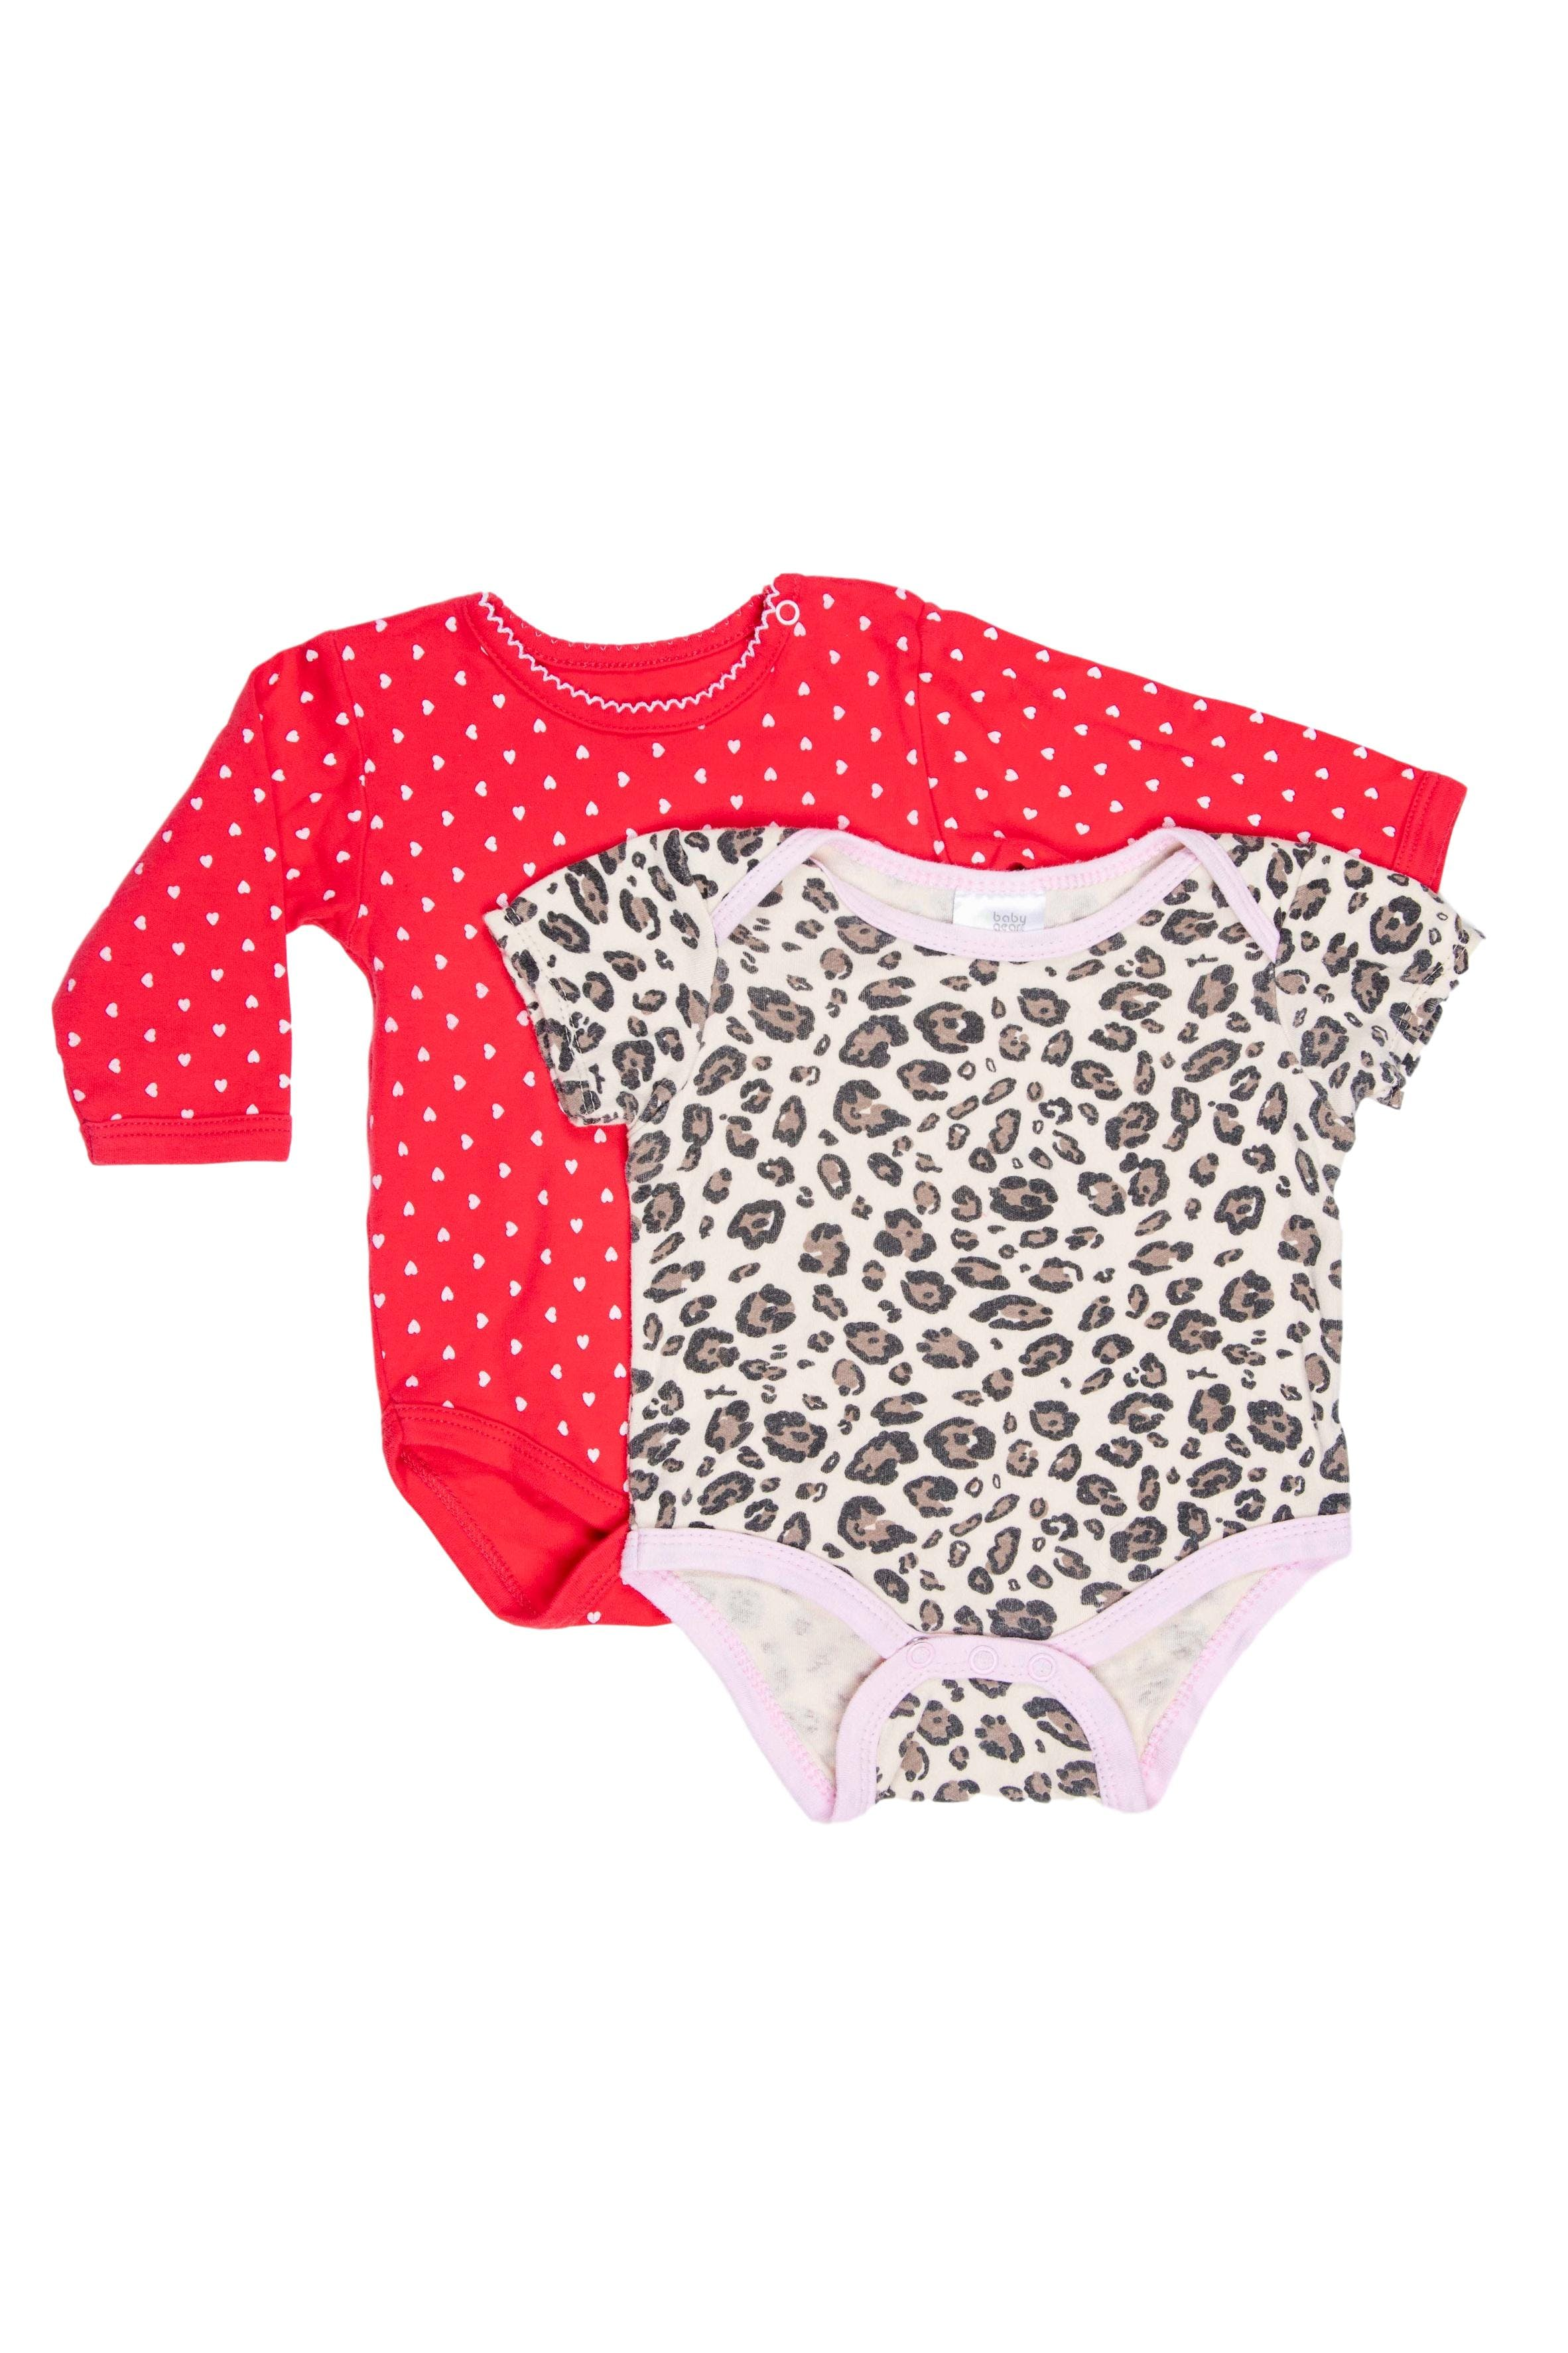 Pack 2 bodies. Uno Body rojo con corazones, marca All Basics y otro atigrado marca Baby Gear. Ambos 100% algodón. Etiqueta dice 3 - 6 M pero son chicos - All Basics